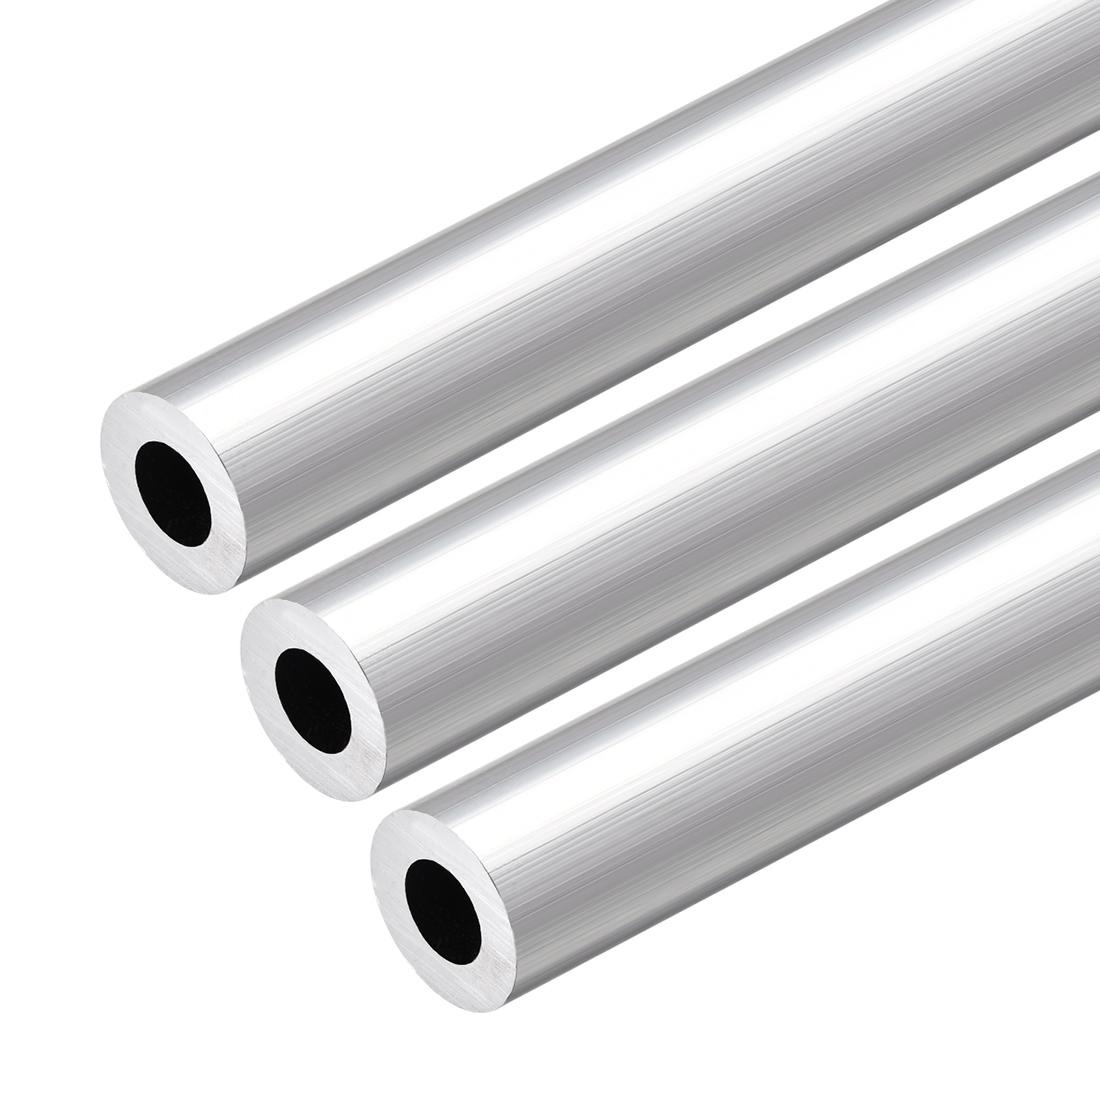 6063 Aluminum Round Tube 300mm Length 19mm OD 10mm Inner Dia Seamless Tube 3 Pcs